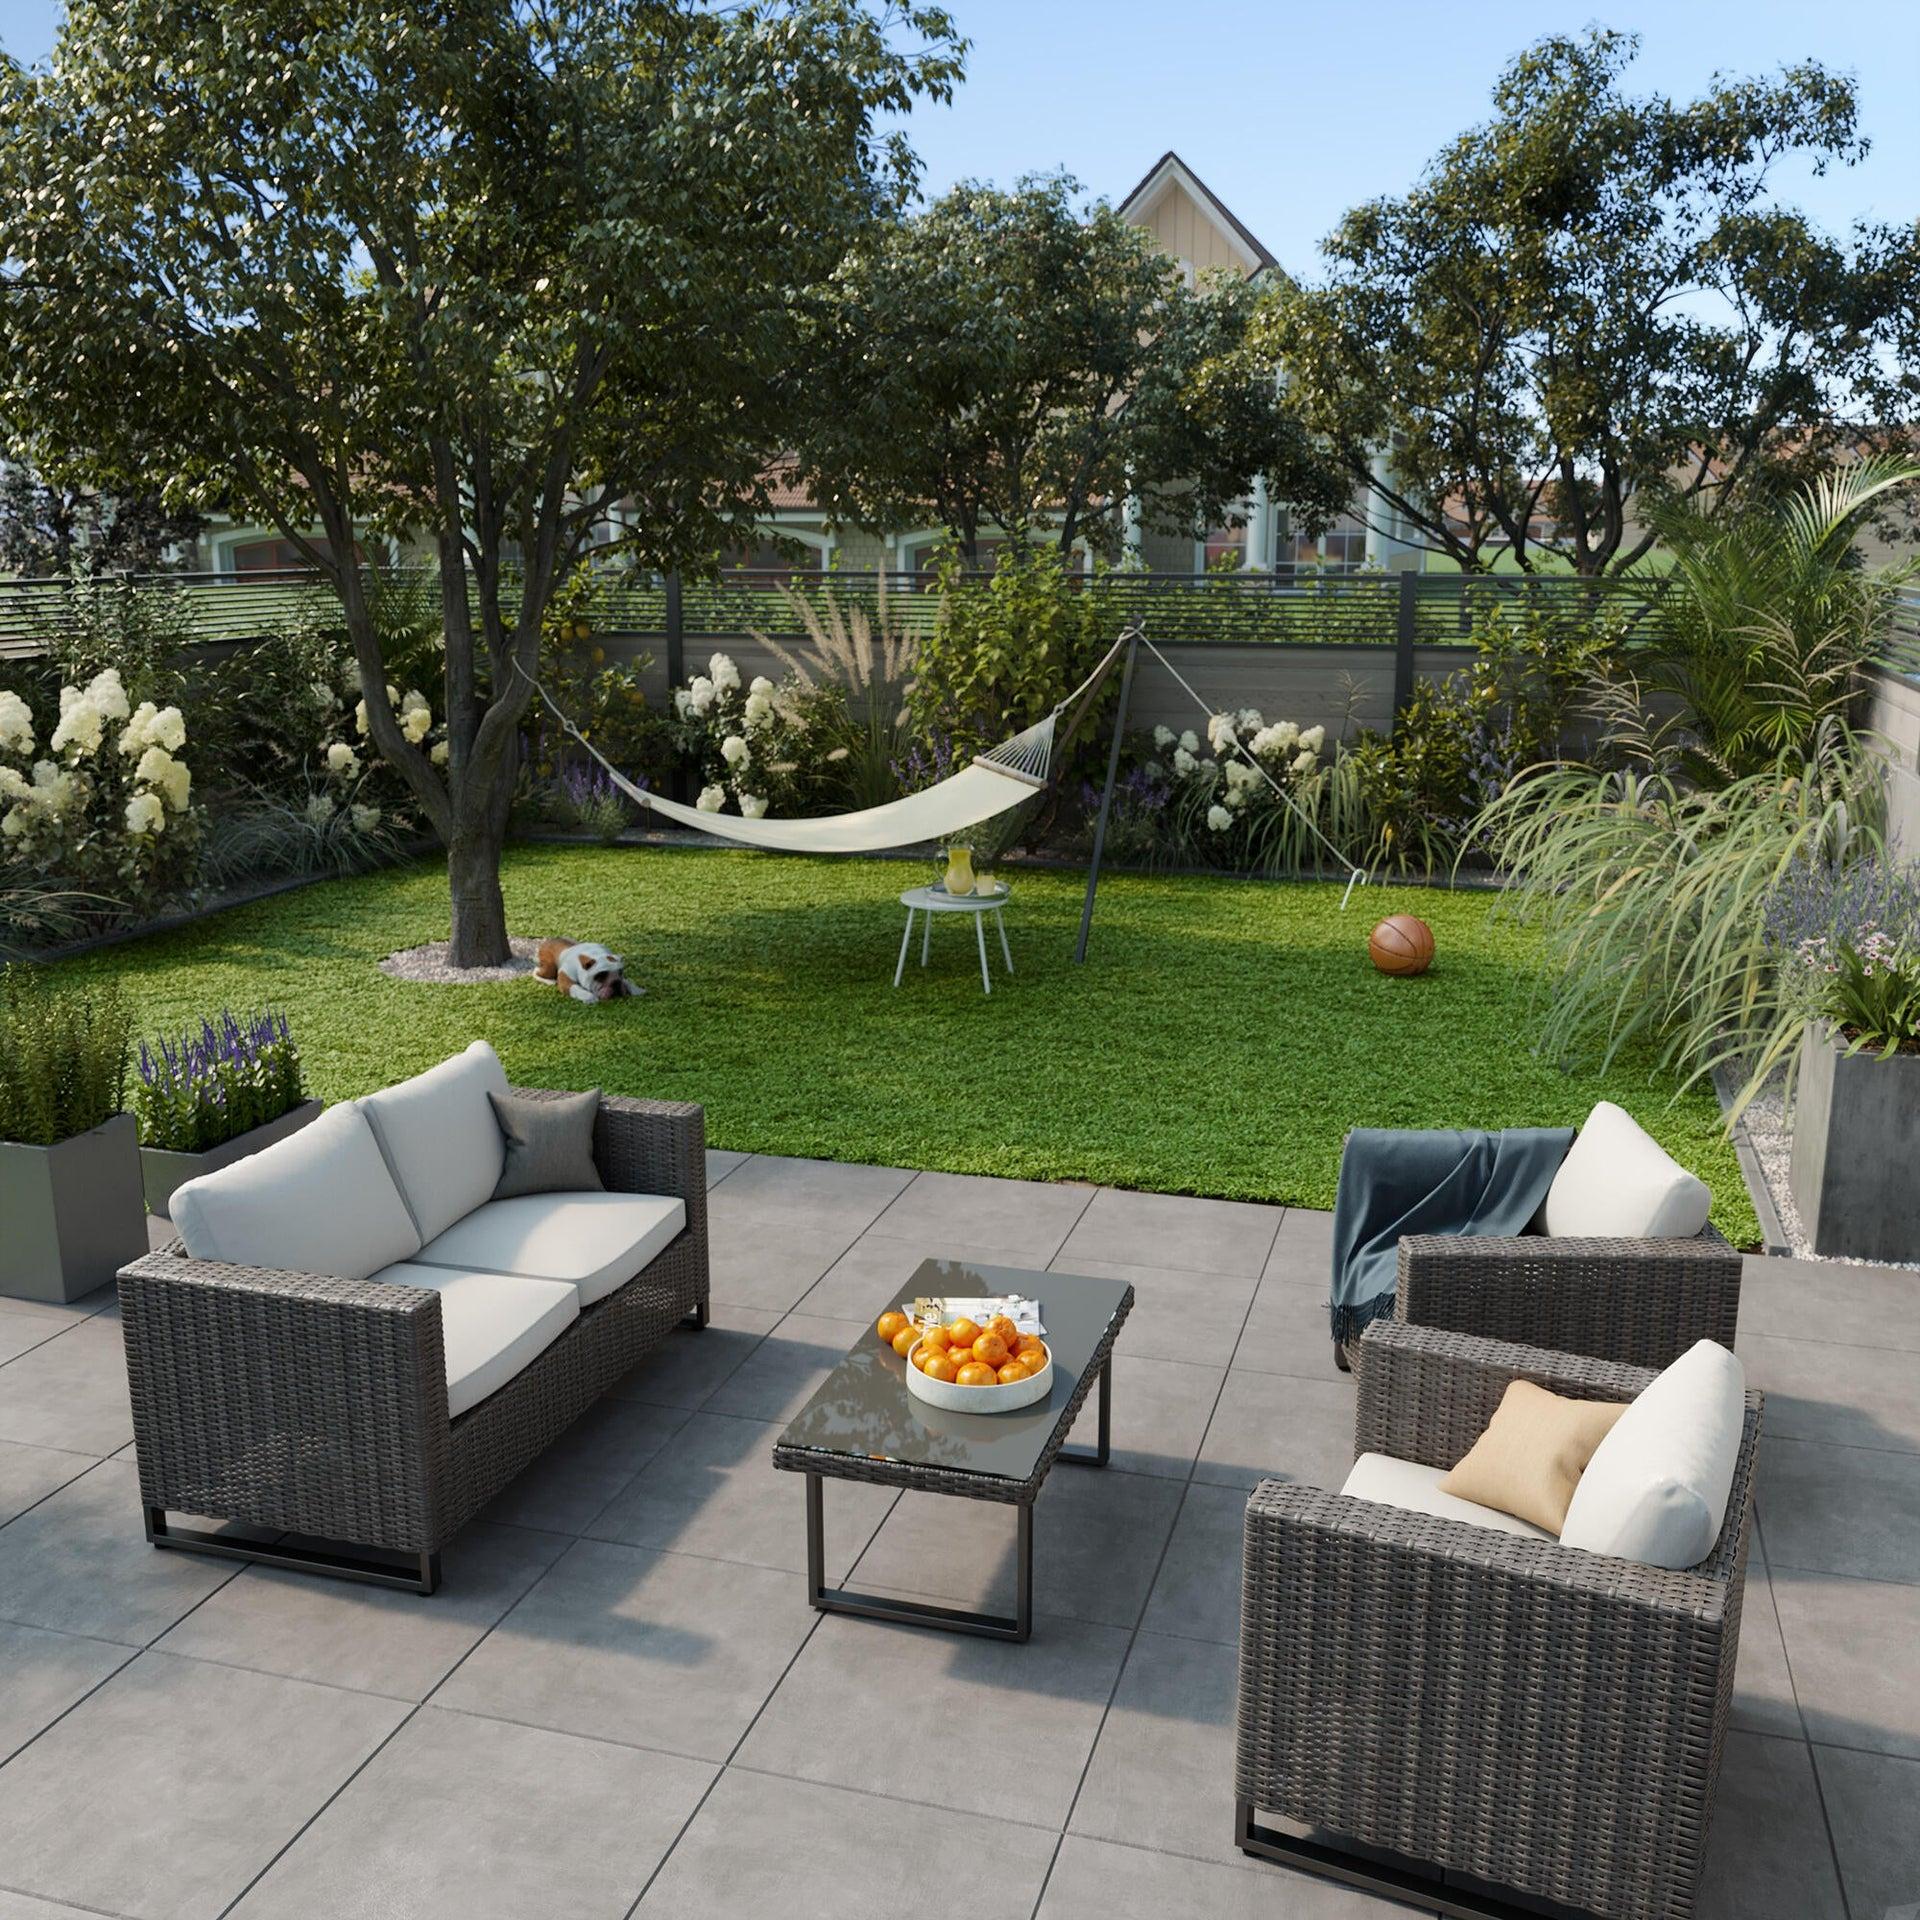 Divano da giardino con cuscino 2 posti in acciaio Noa NATERIAL colore antracite - 5